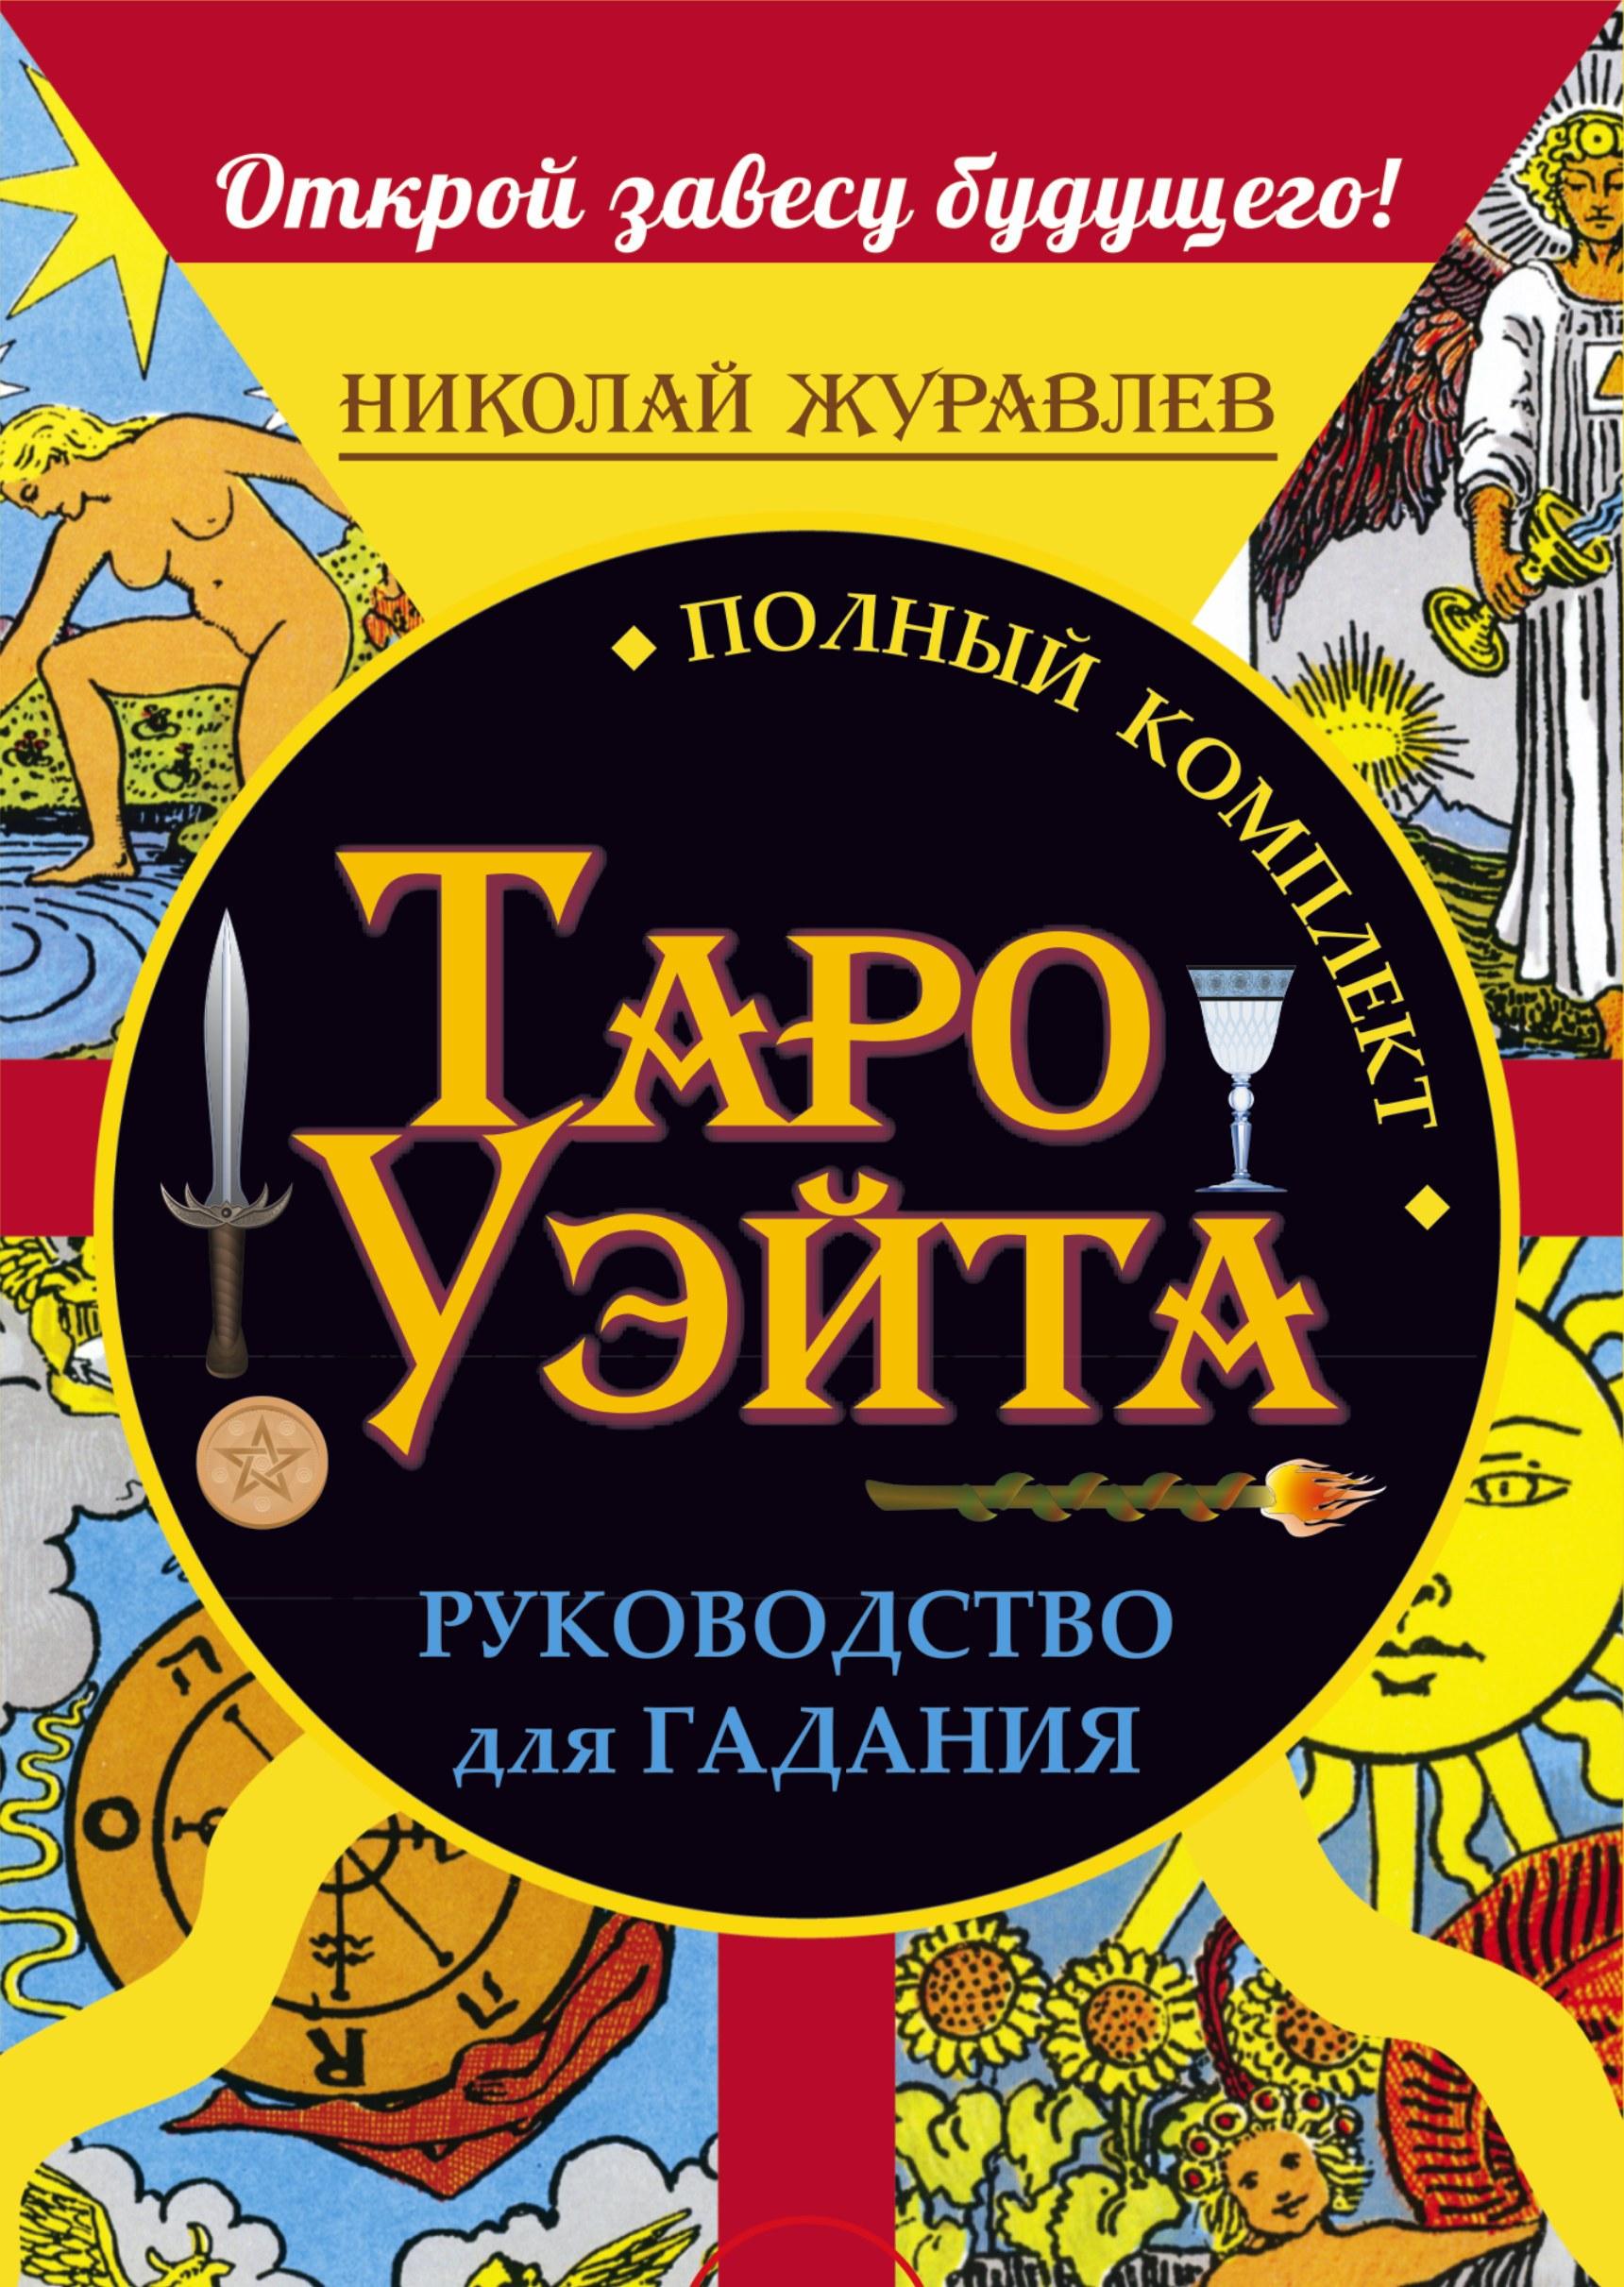 Купить Полный комплект Таро Уэйта и руководство для гадания. Пора исполнить свои желания!, Николай Журавлев, 978-5-17-095732-3